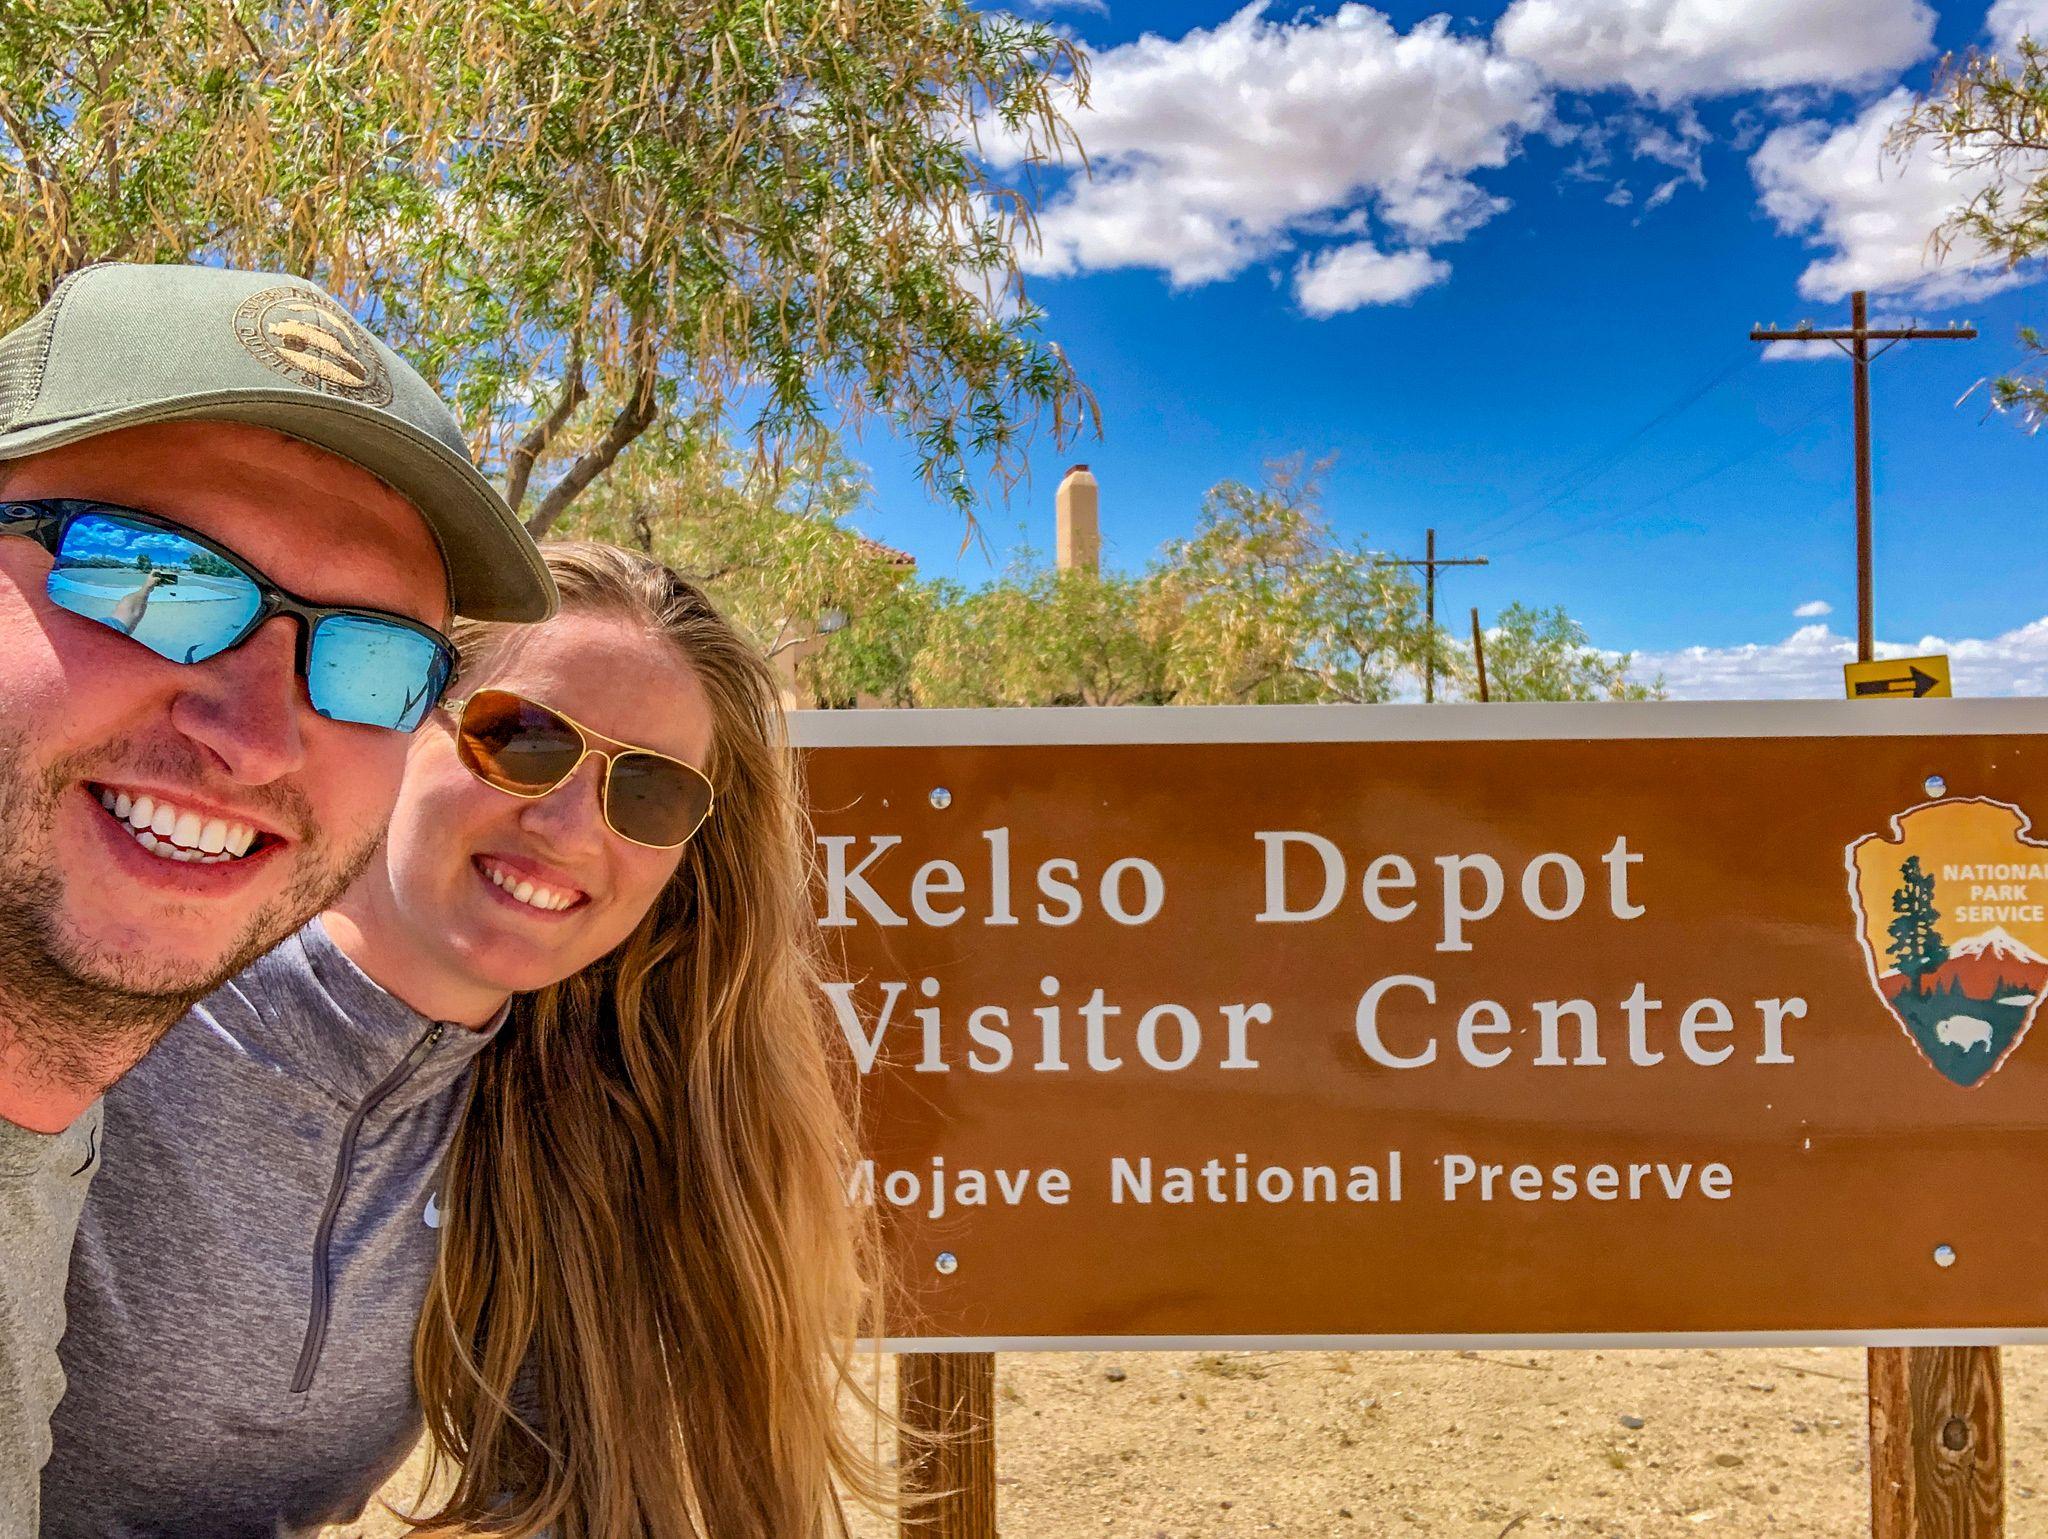 Kelso Depot Visitor Center